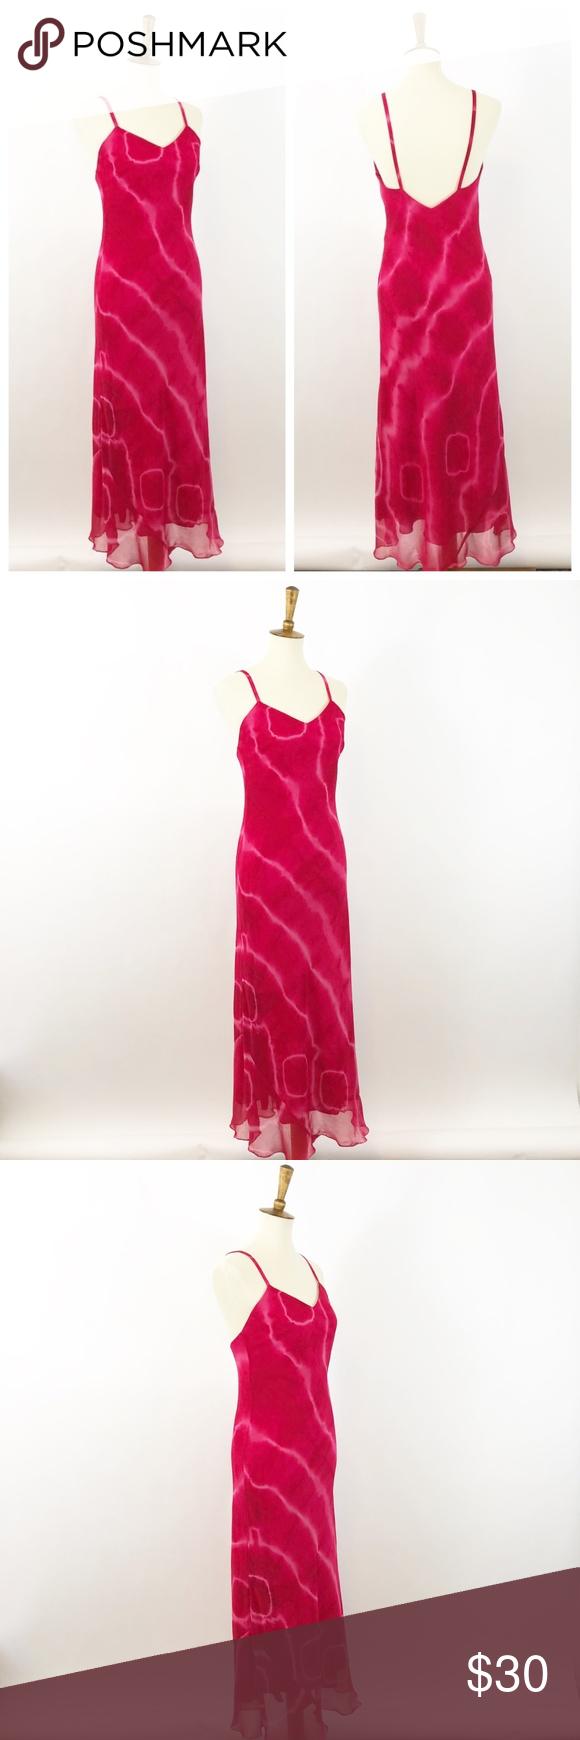 Vtg Fuschia Pink Tie Dye Low Back Maxi Dress Med Pink Tie Dye Dresses Maxi Dress [ 1740 x 580 Pixel ]